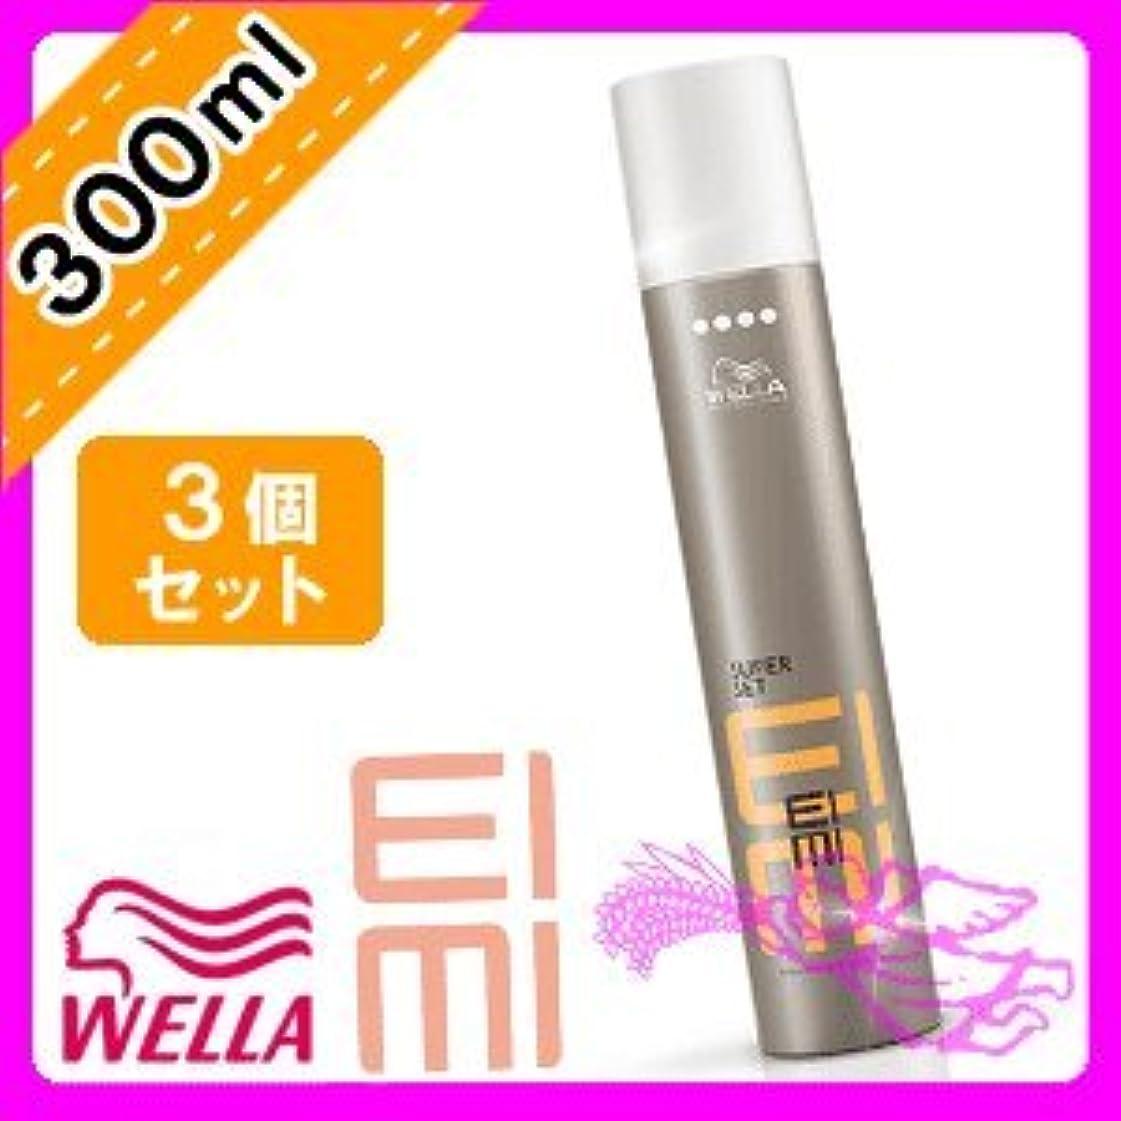 緊張クック予想するウエラ EIMI(アイミィ) スーパーセットスプレー 300ml ×3個 セット WELLA P&G